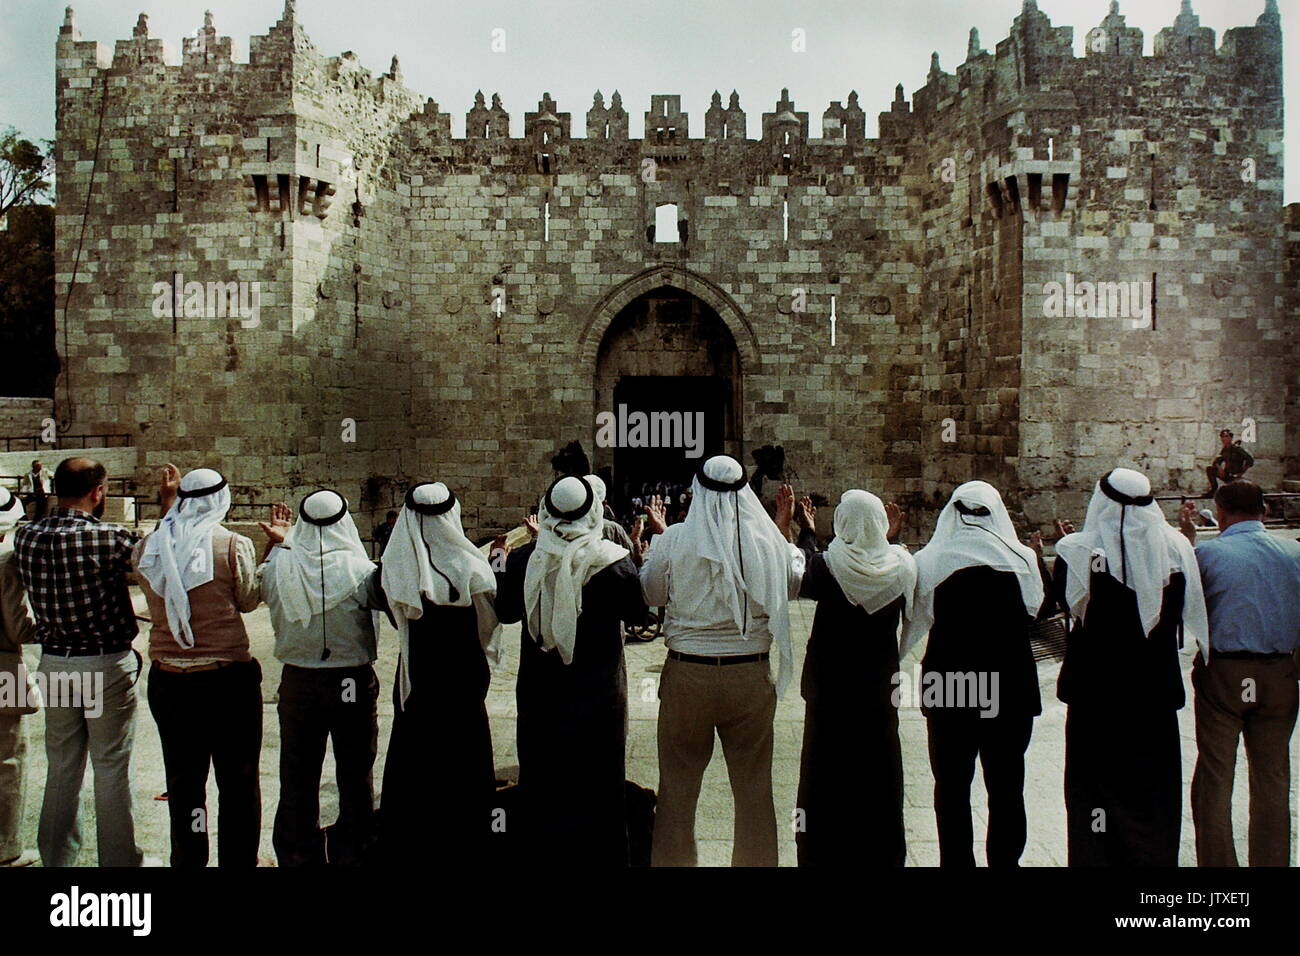 sites musulmans datant Amérique prochain modèle Top Hook up